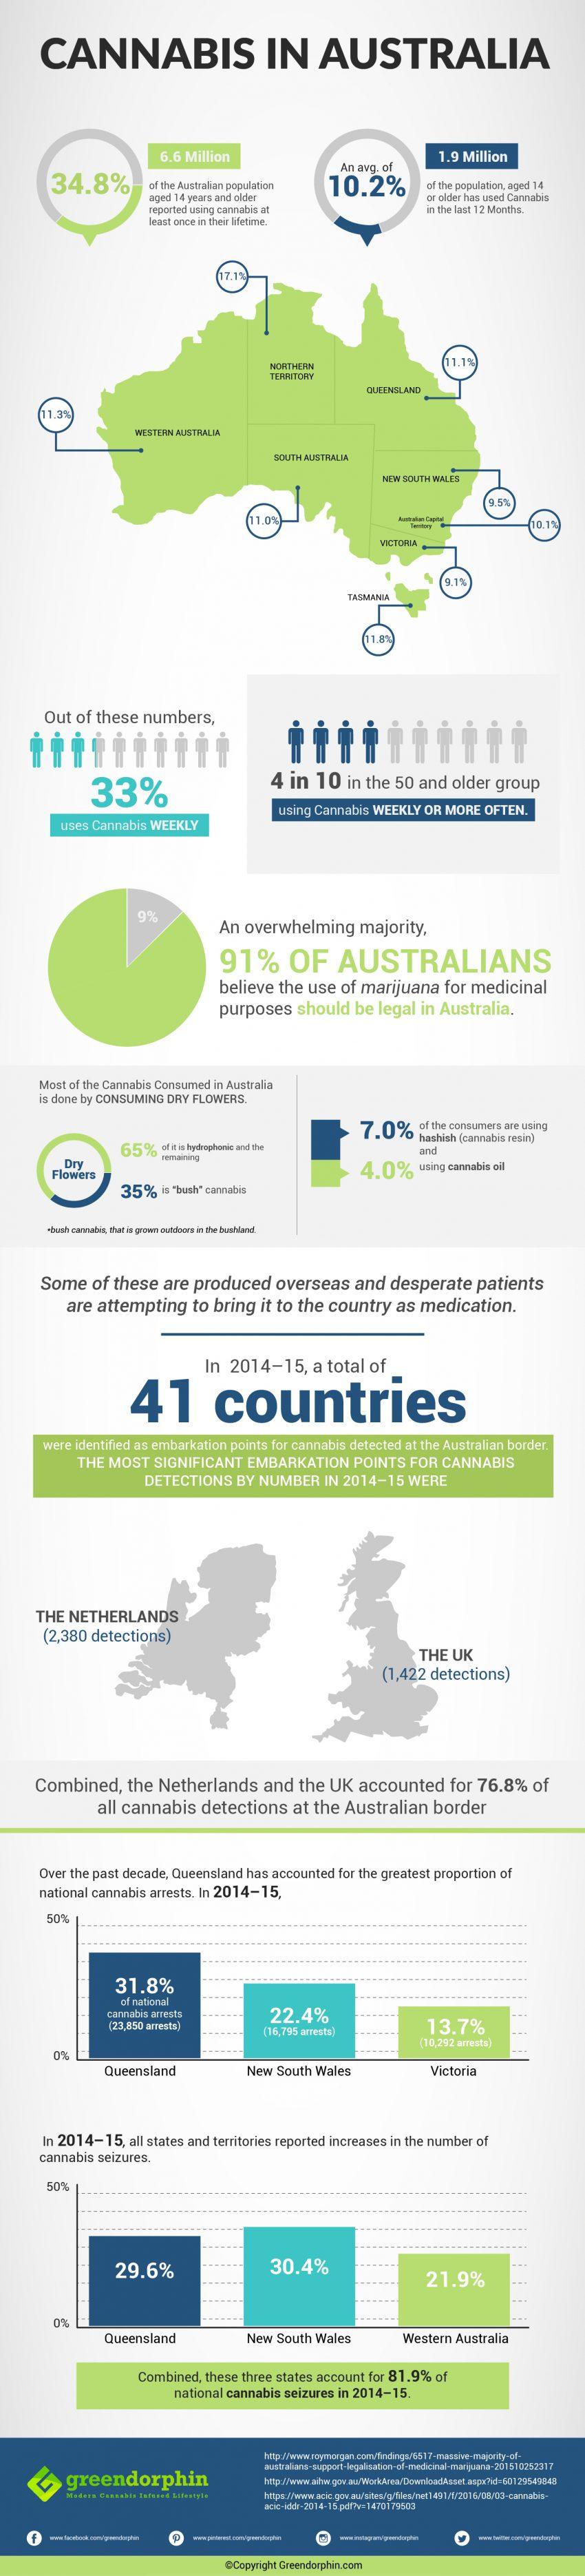 Cannabis in Australia